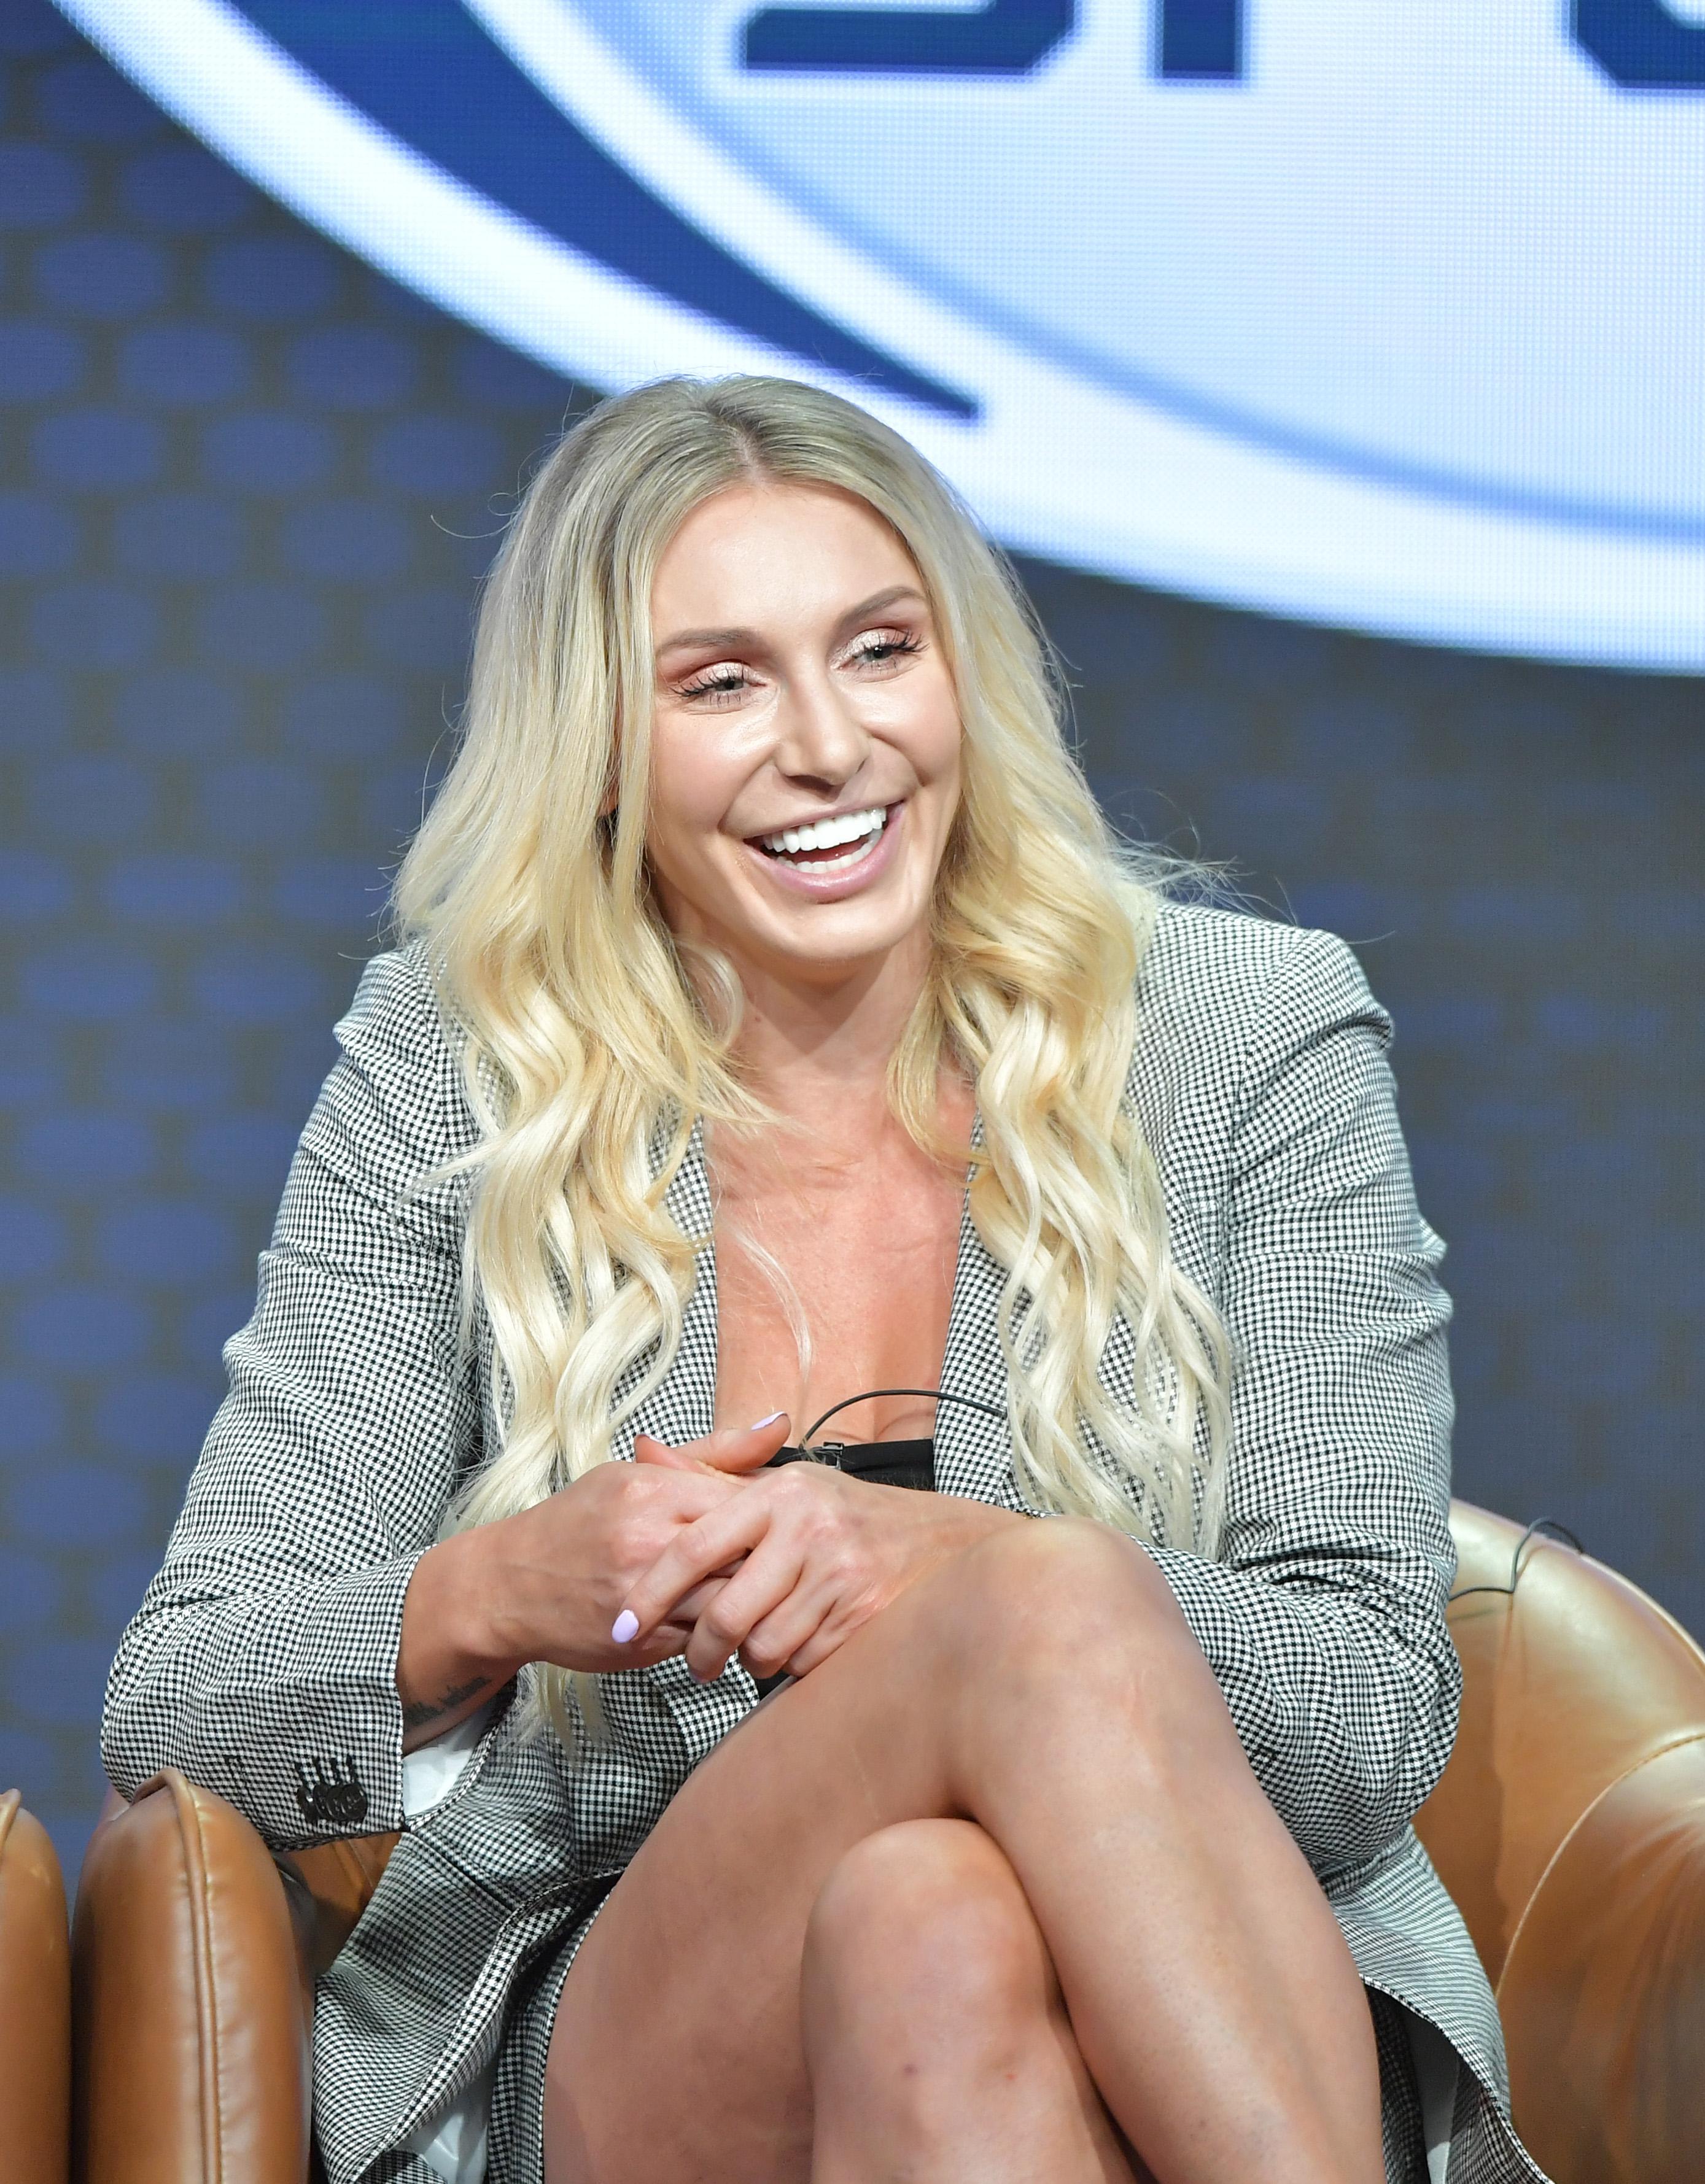 福克斯体育运动夏洛特的Flair在2019年夏季TCA新闻之旅的福克斯队在2019年8月7日的贝弗利希尔顿酒店在加利福尼亚州比佛利山口的贝弗利希尔顿酒店。